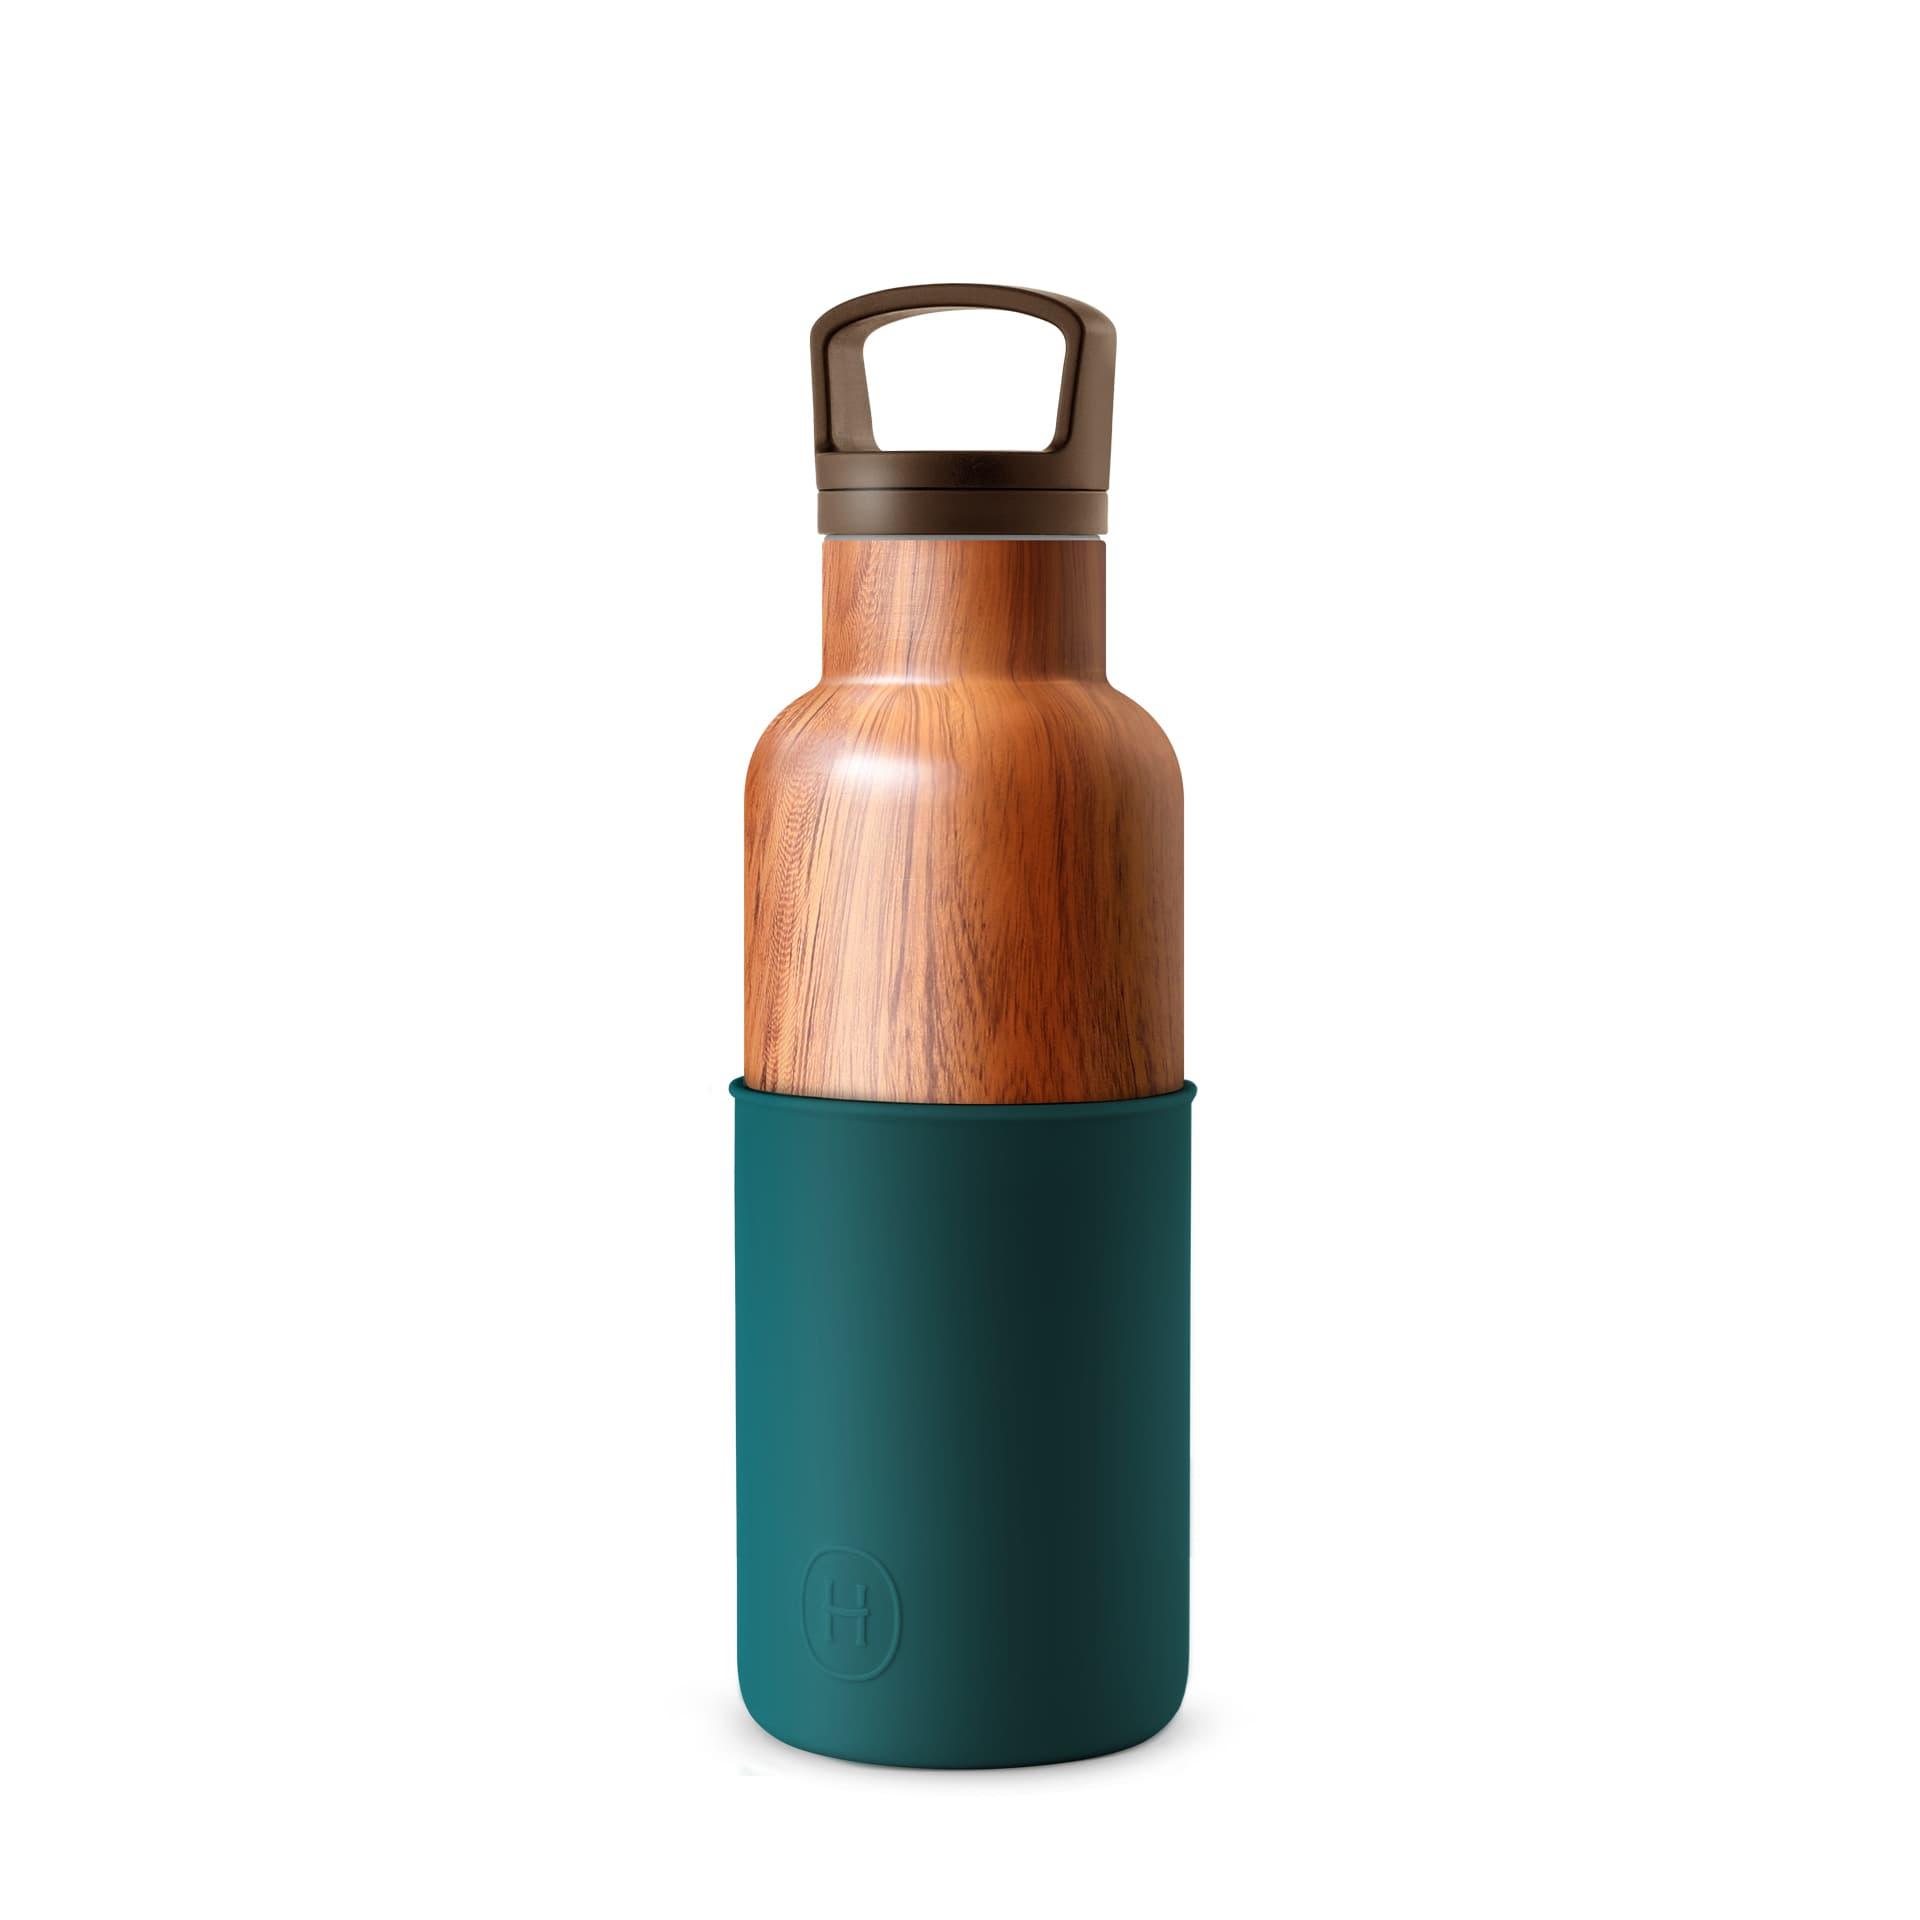 美國 HYDY 時尚不銹鋼保溫水瓶 480ml 木紋瓶 (孔雀綠)